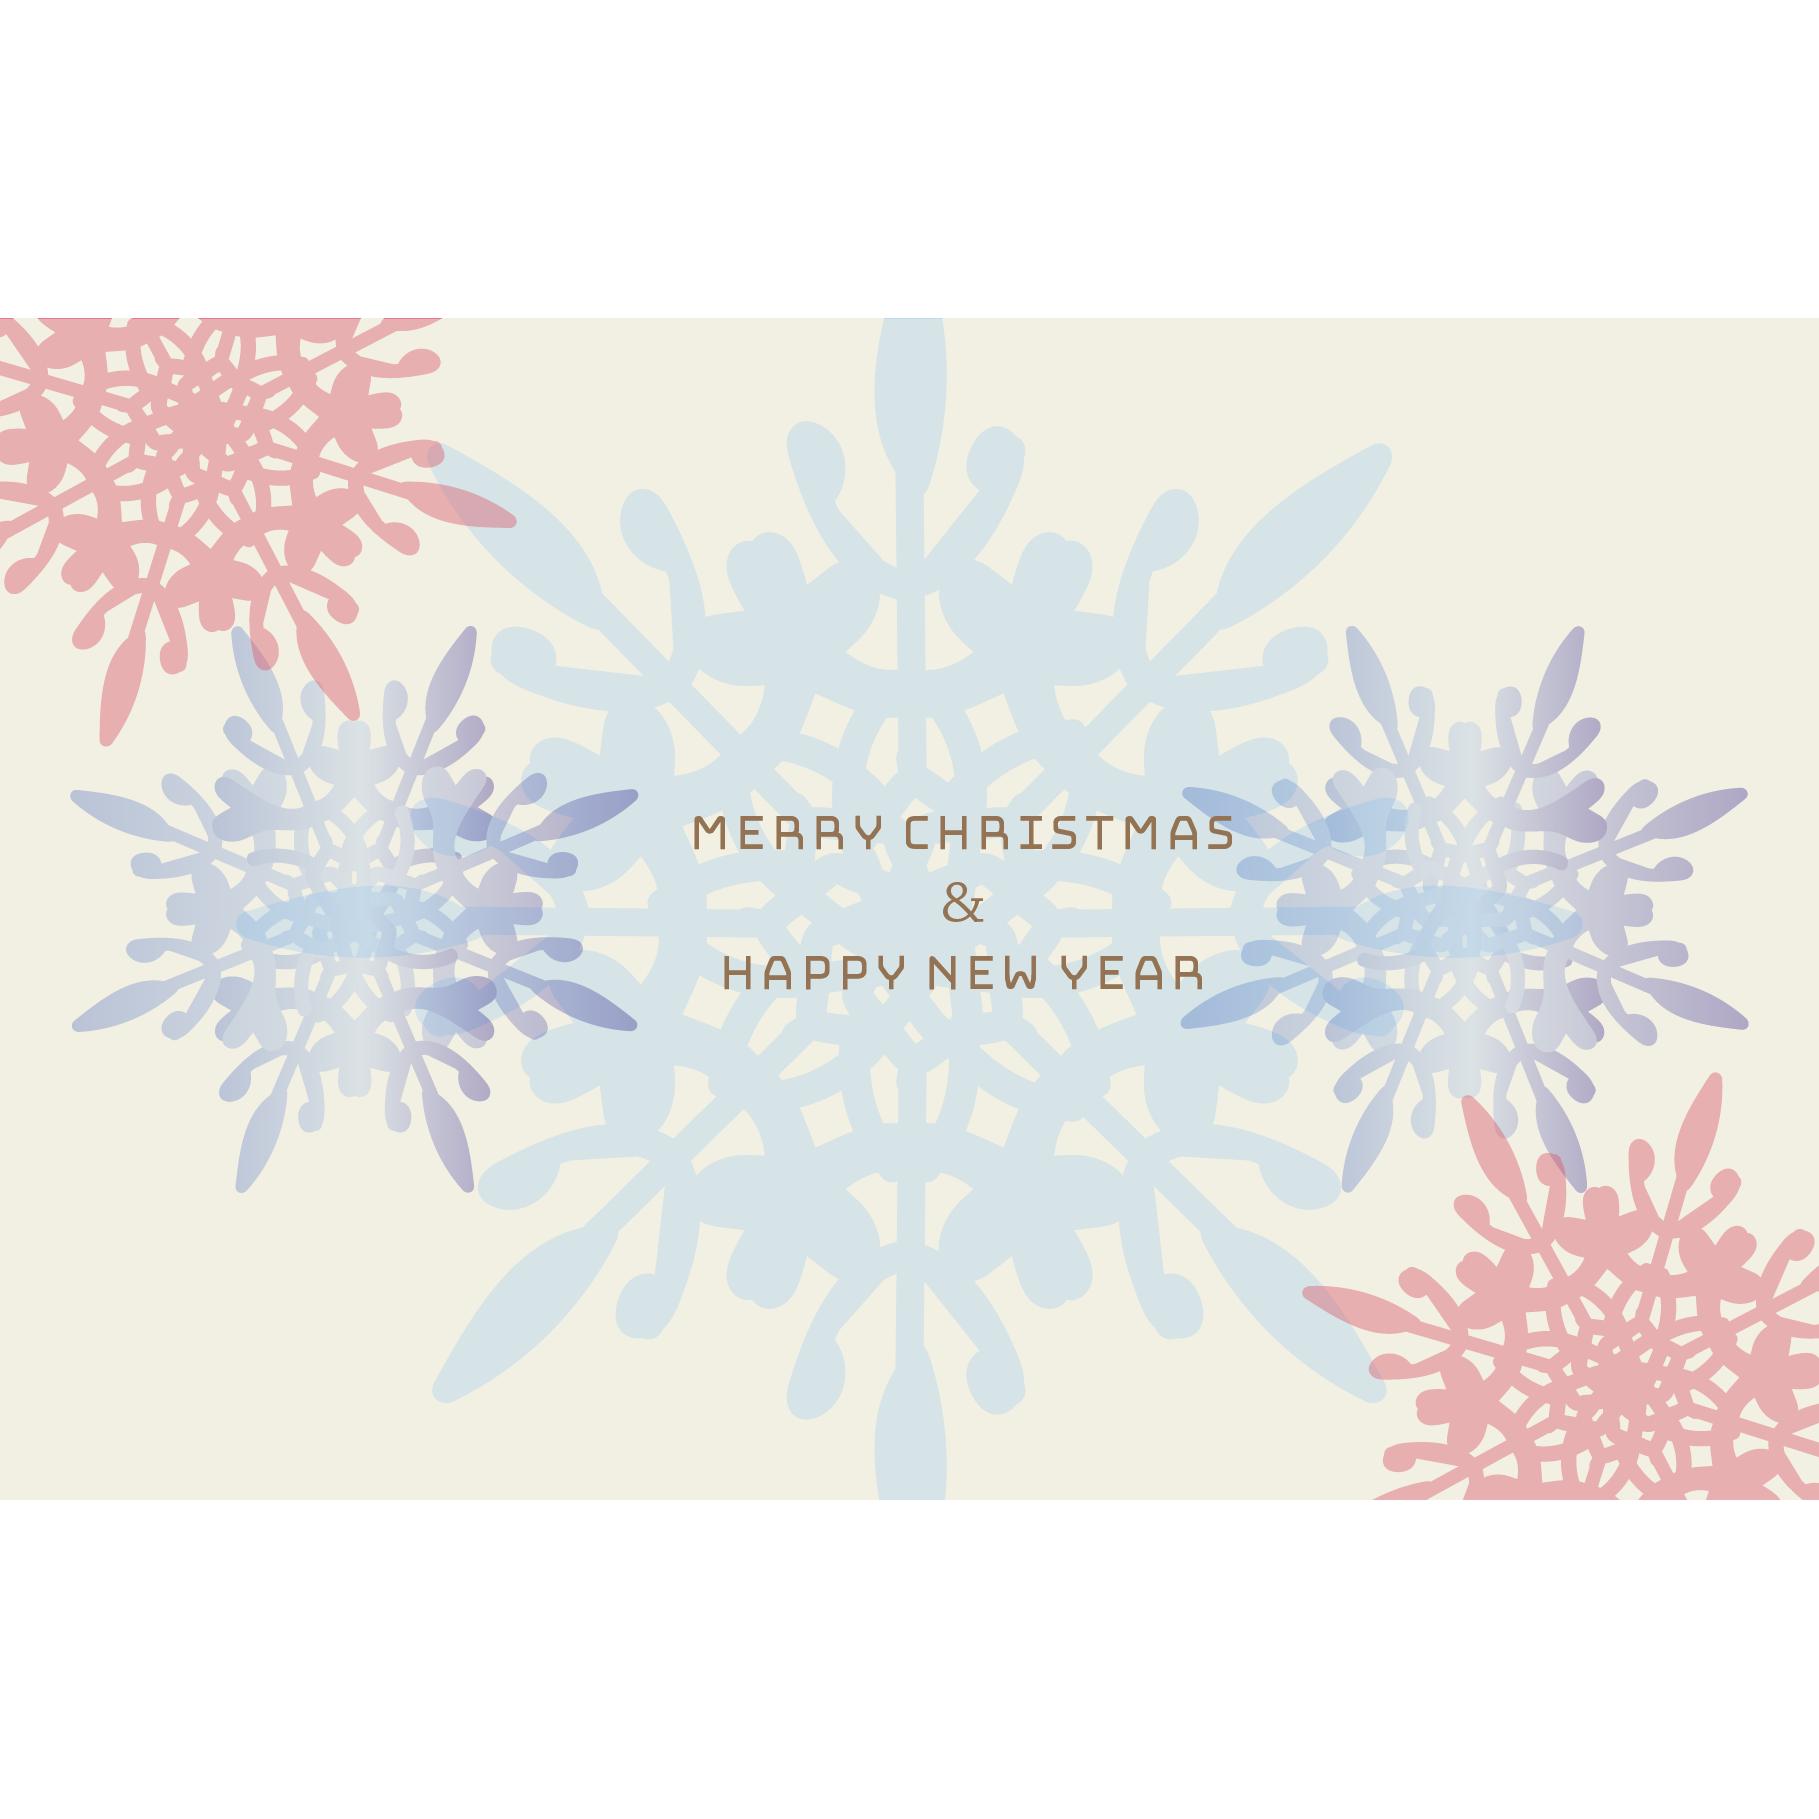 雪の結晶 Merry chirstmas クリスマスカードのテンプレート2 イラスト